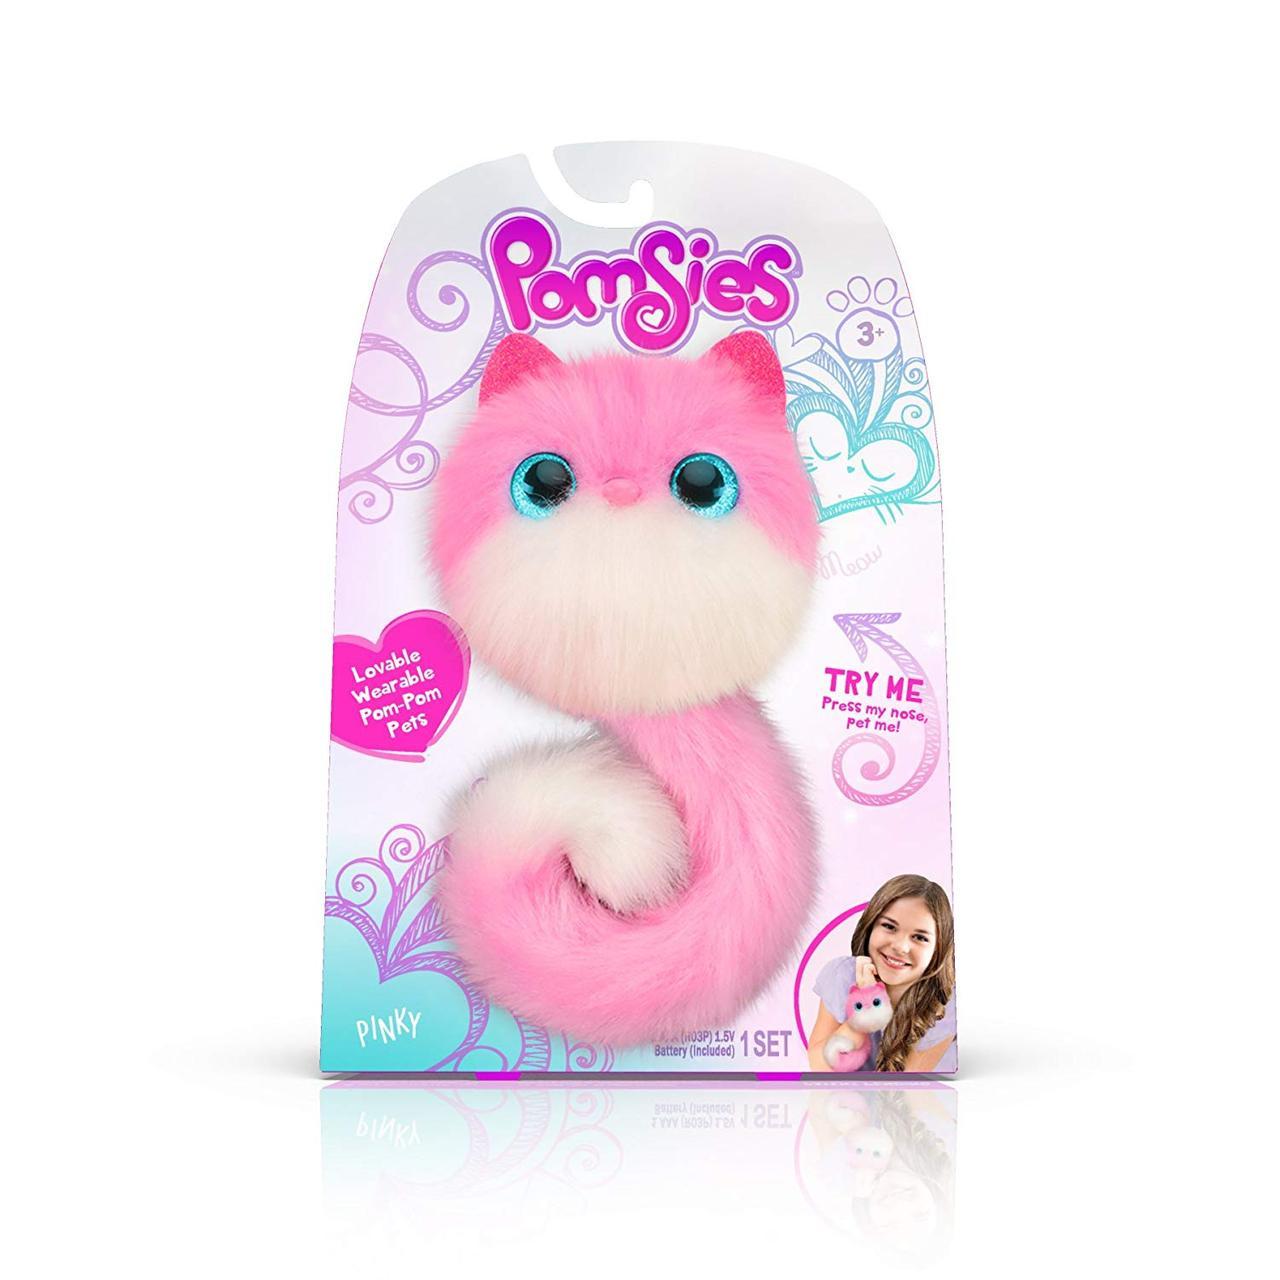 Помсис Пинки помсиз памсис игрушка Pomsies Pinky Plush Interactive Toys